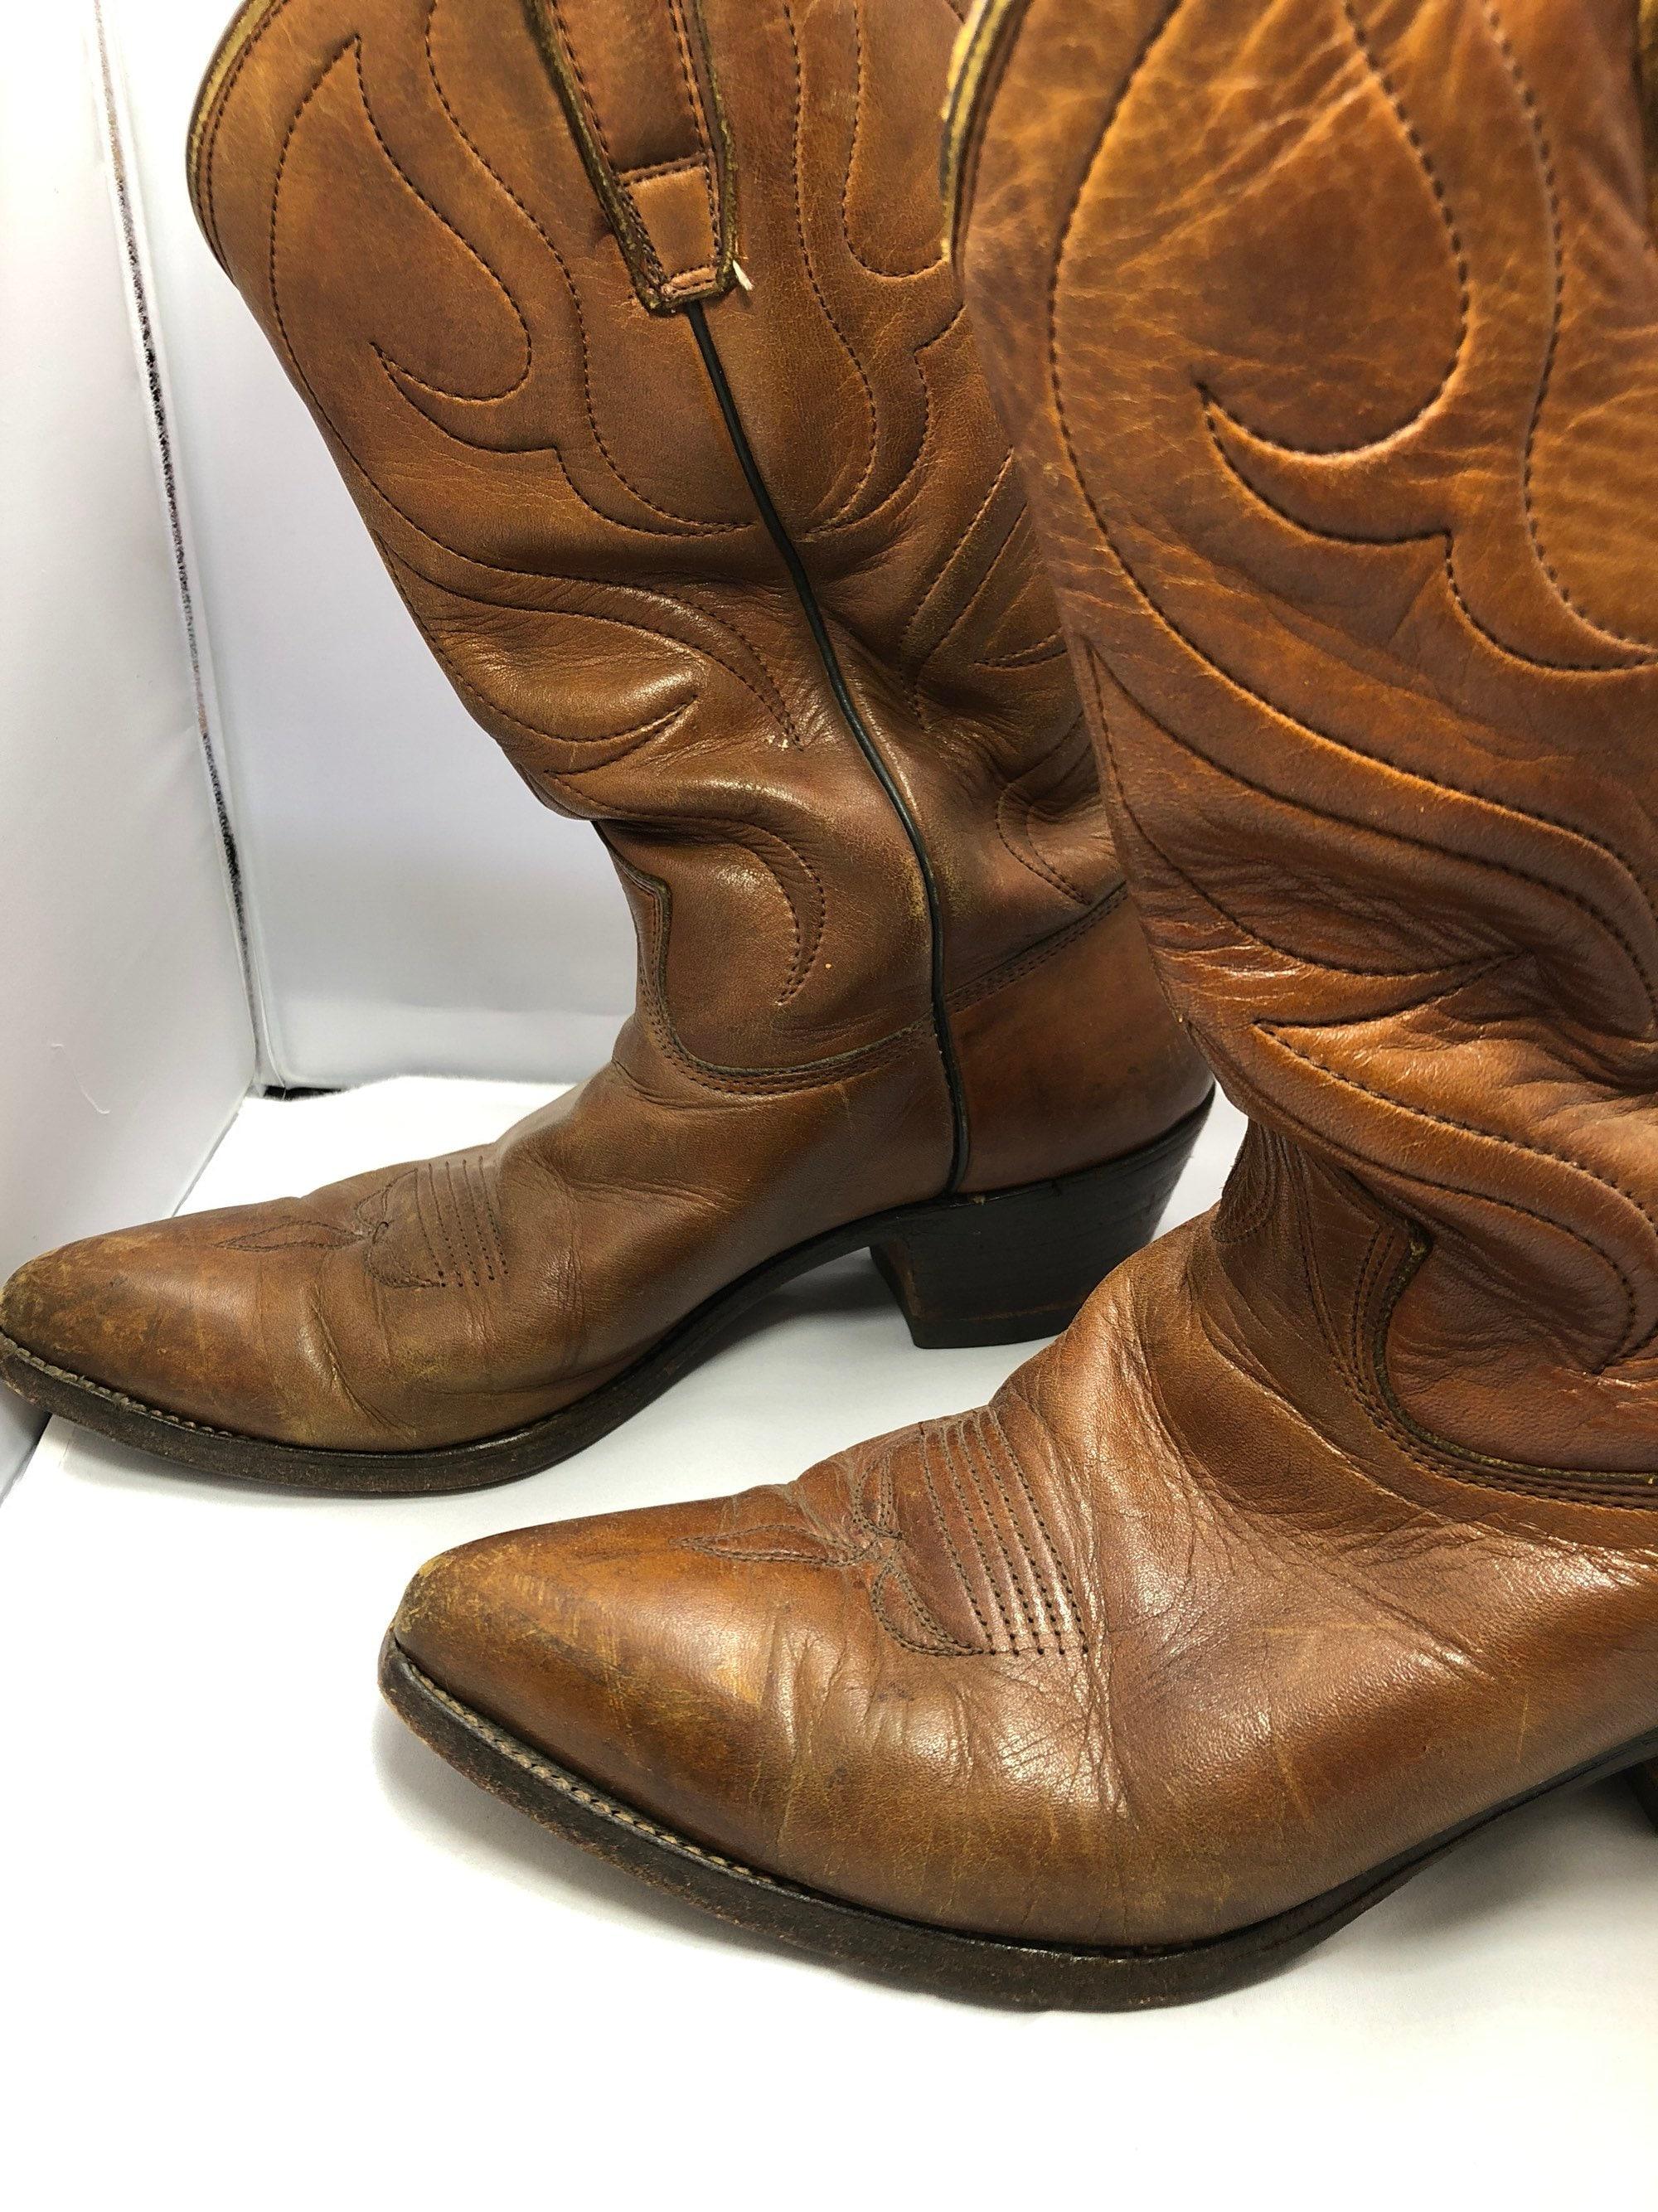 698cb2d7ba0 Vintage handmade mens cowboys boots